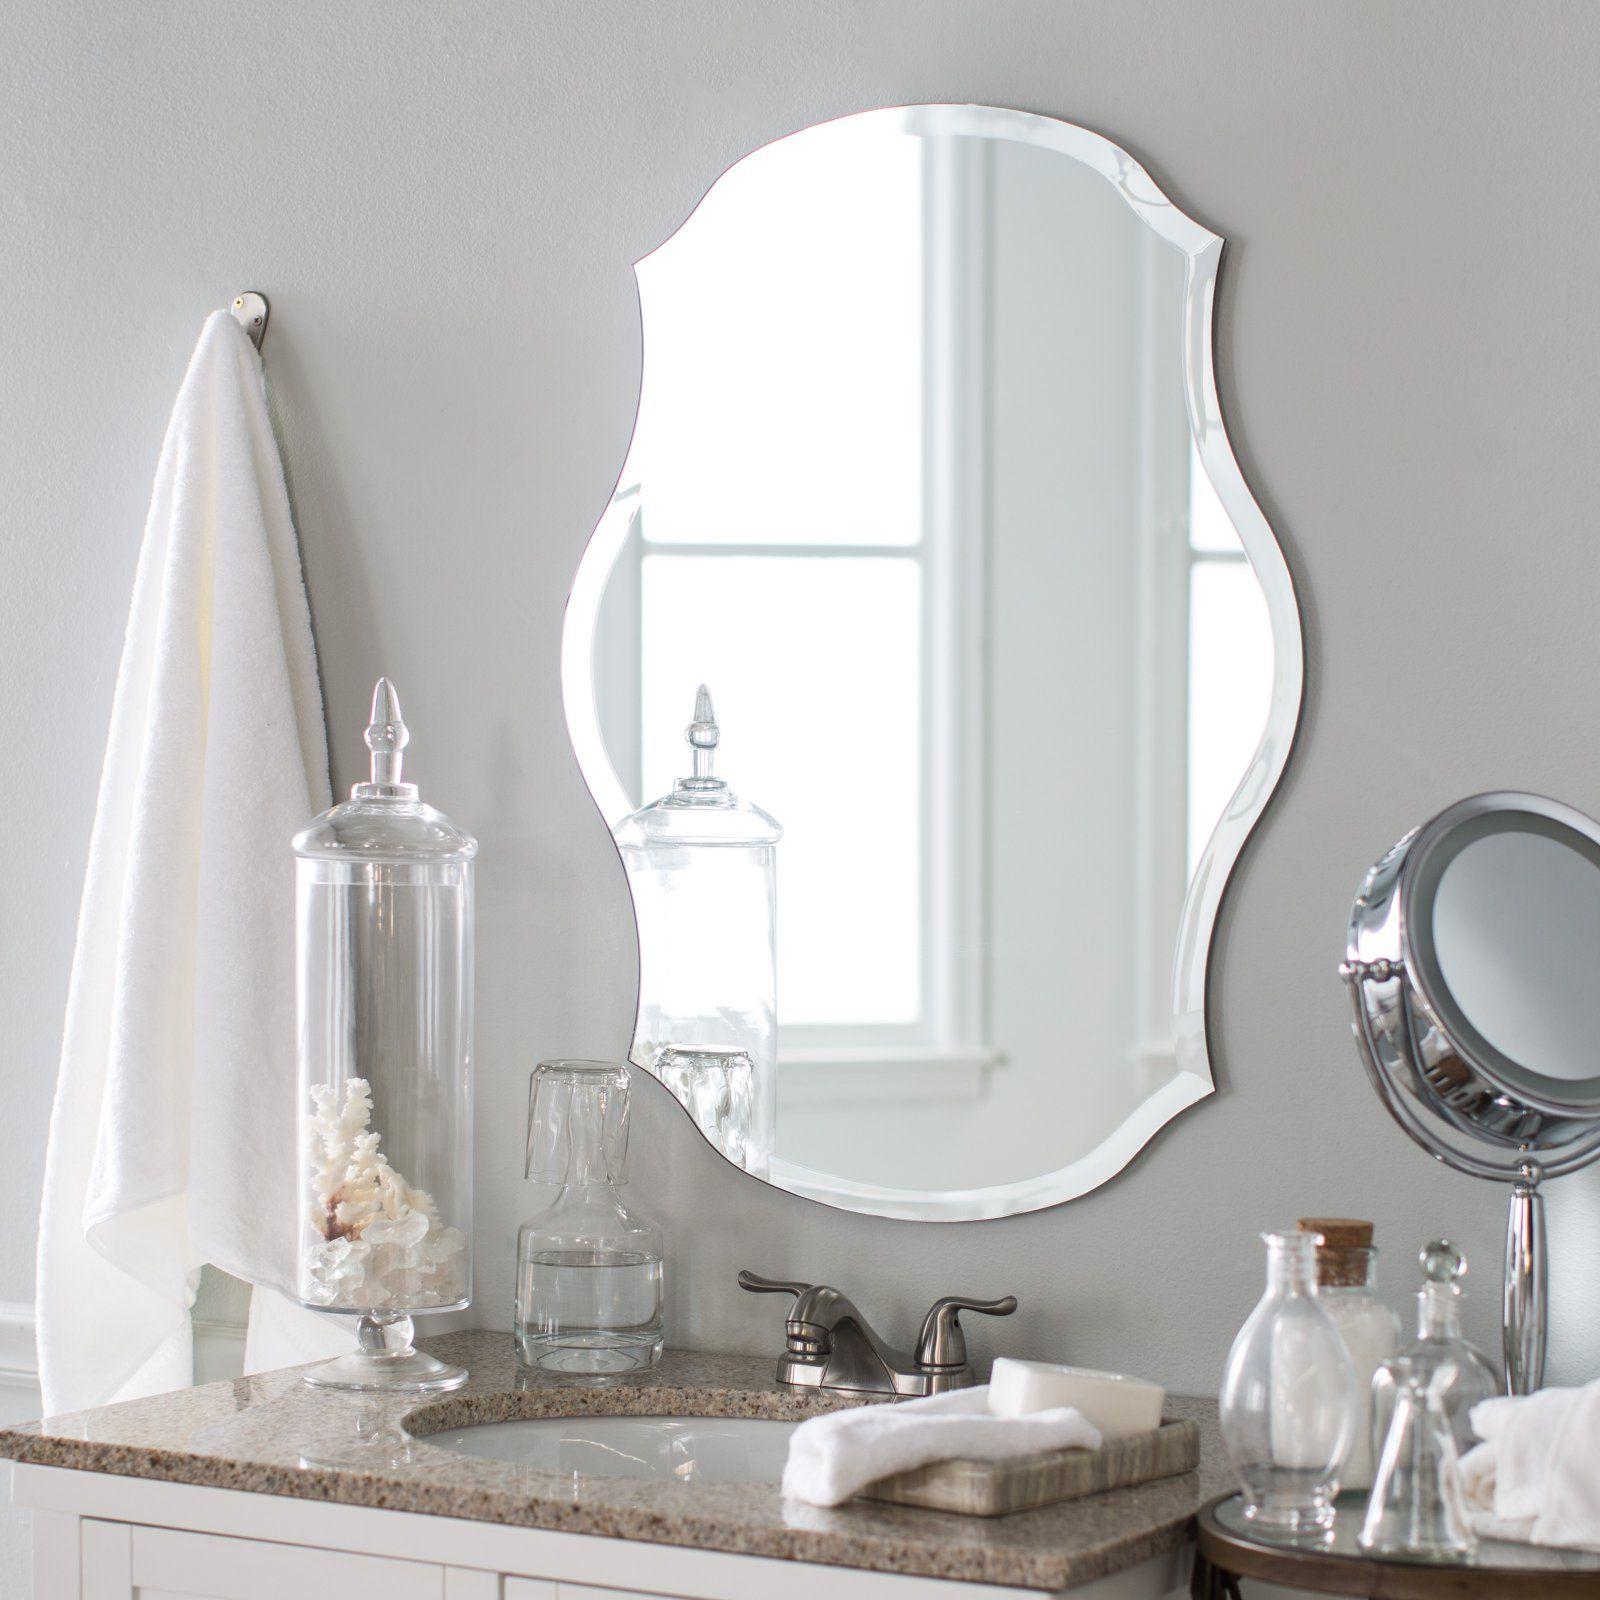 Decor Wonderland Mason Bathroom Mirror - 23W x 31H in ...